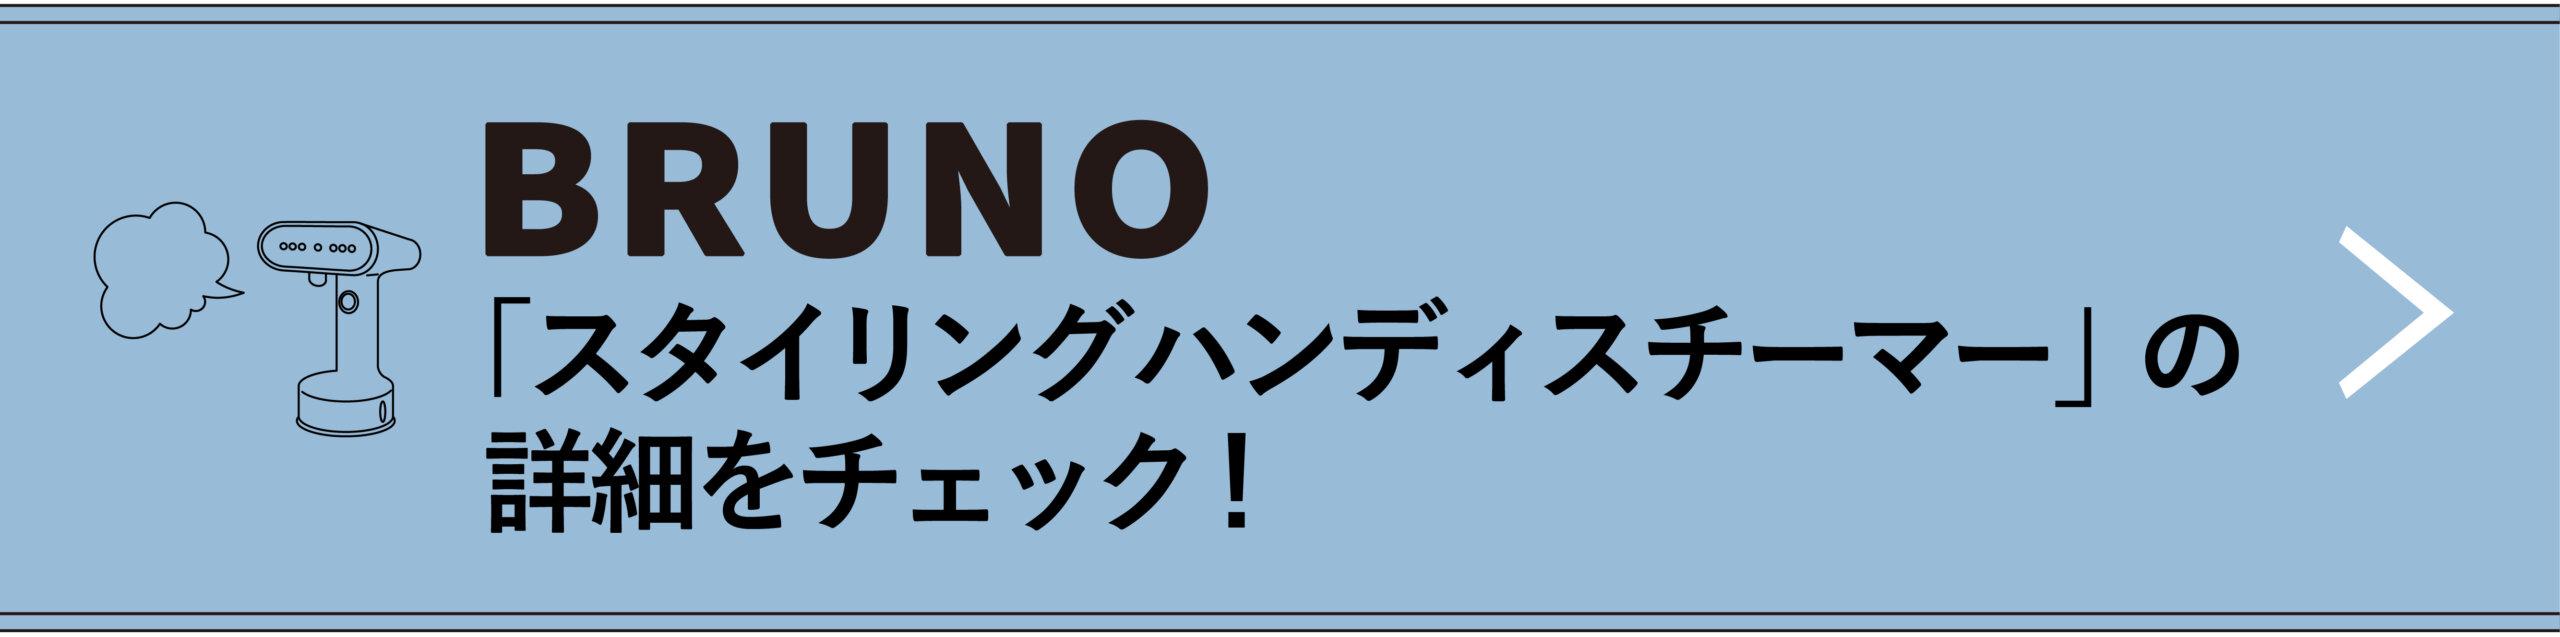 BRUNO 「スタイリングハンディスチーマー」の 詳細をチェック!